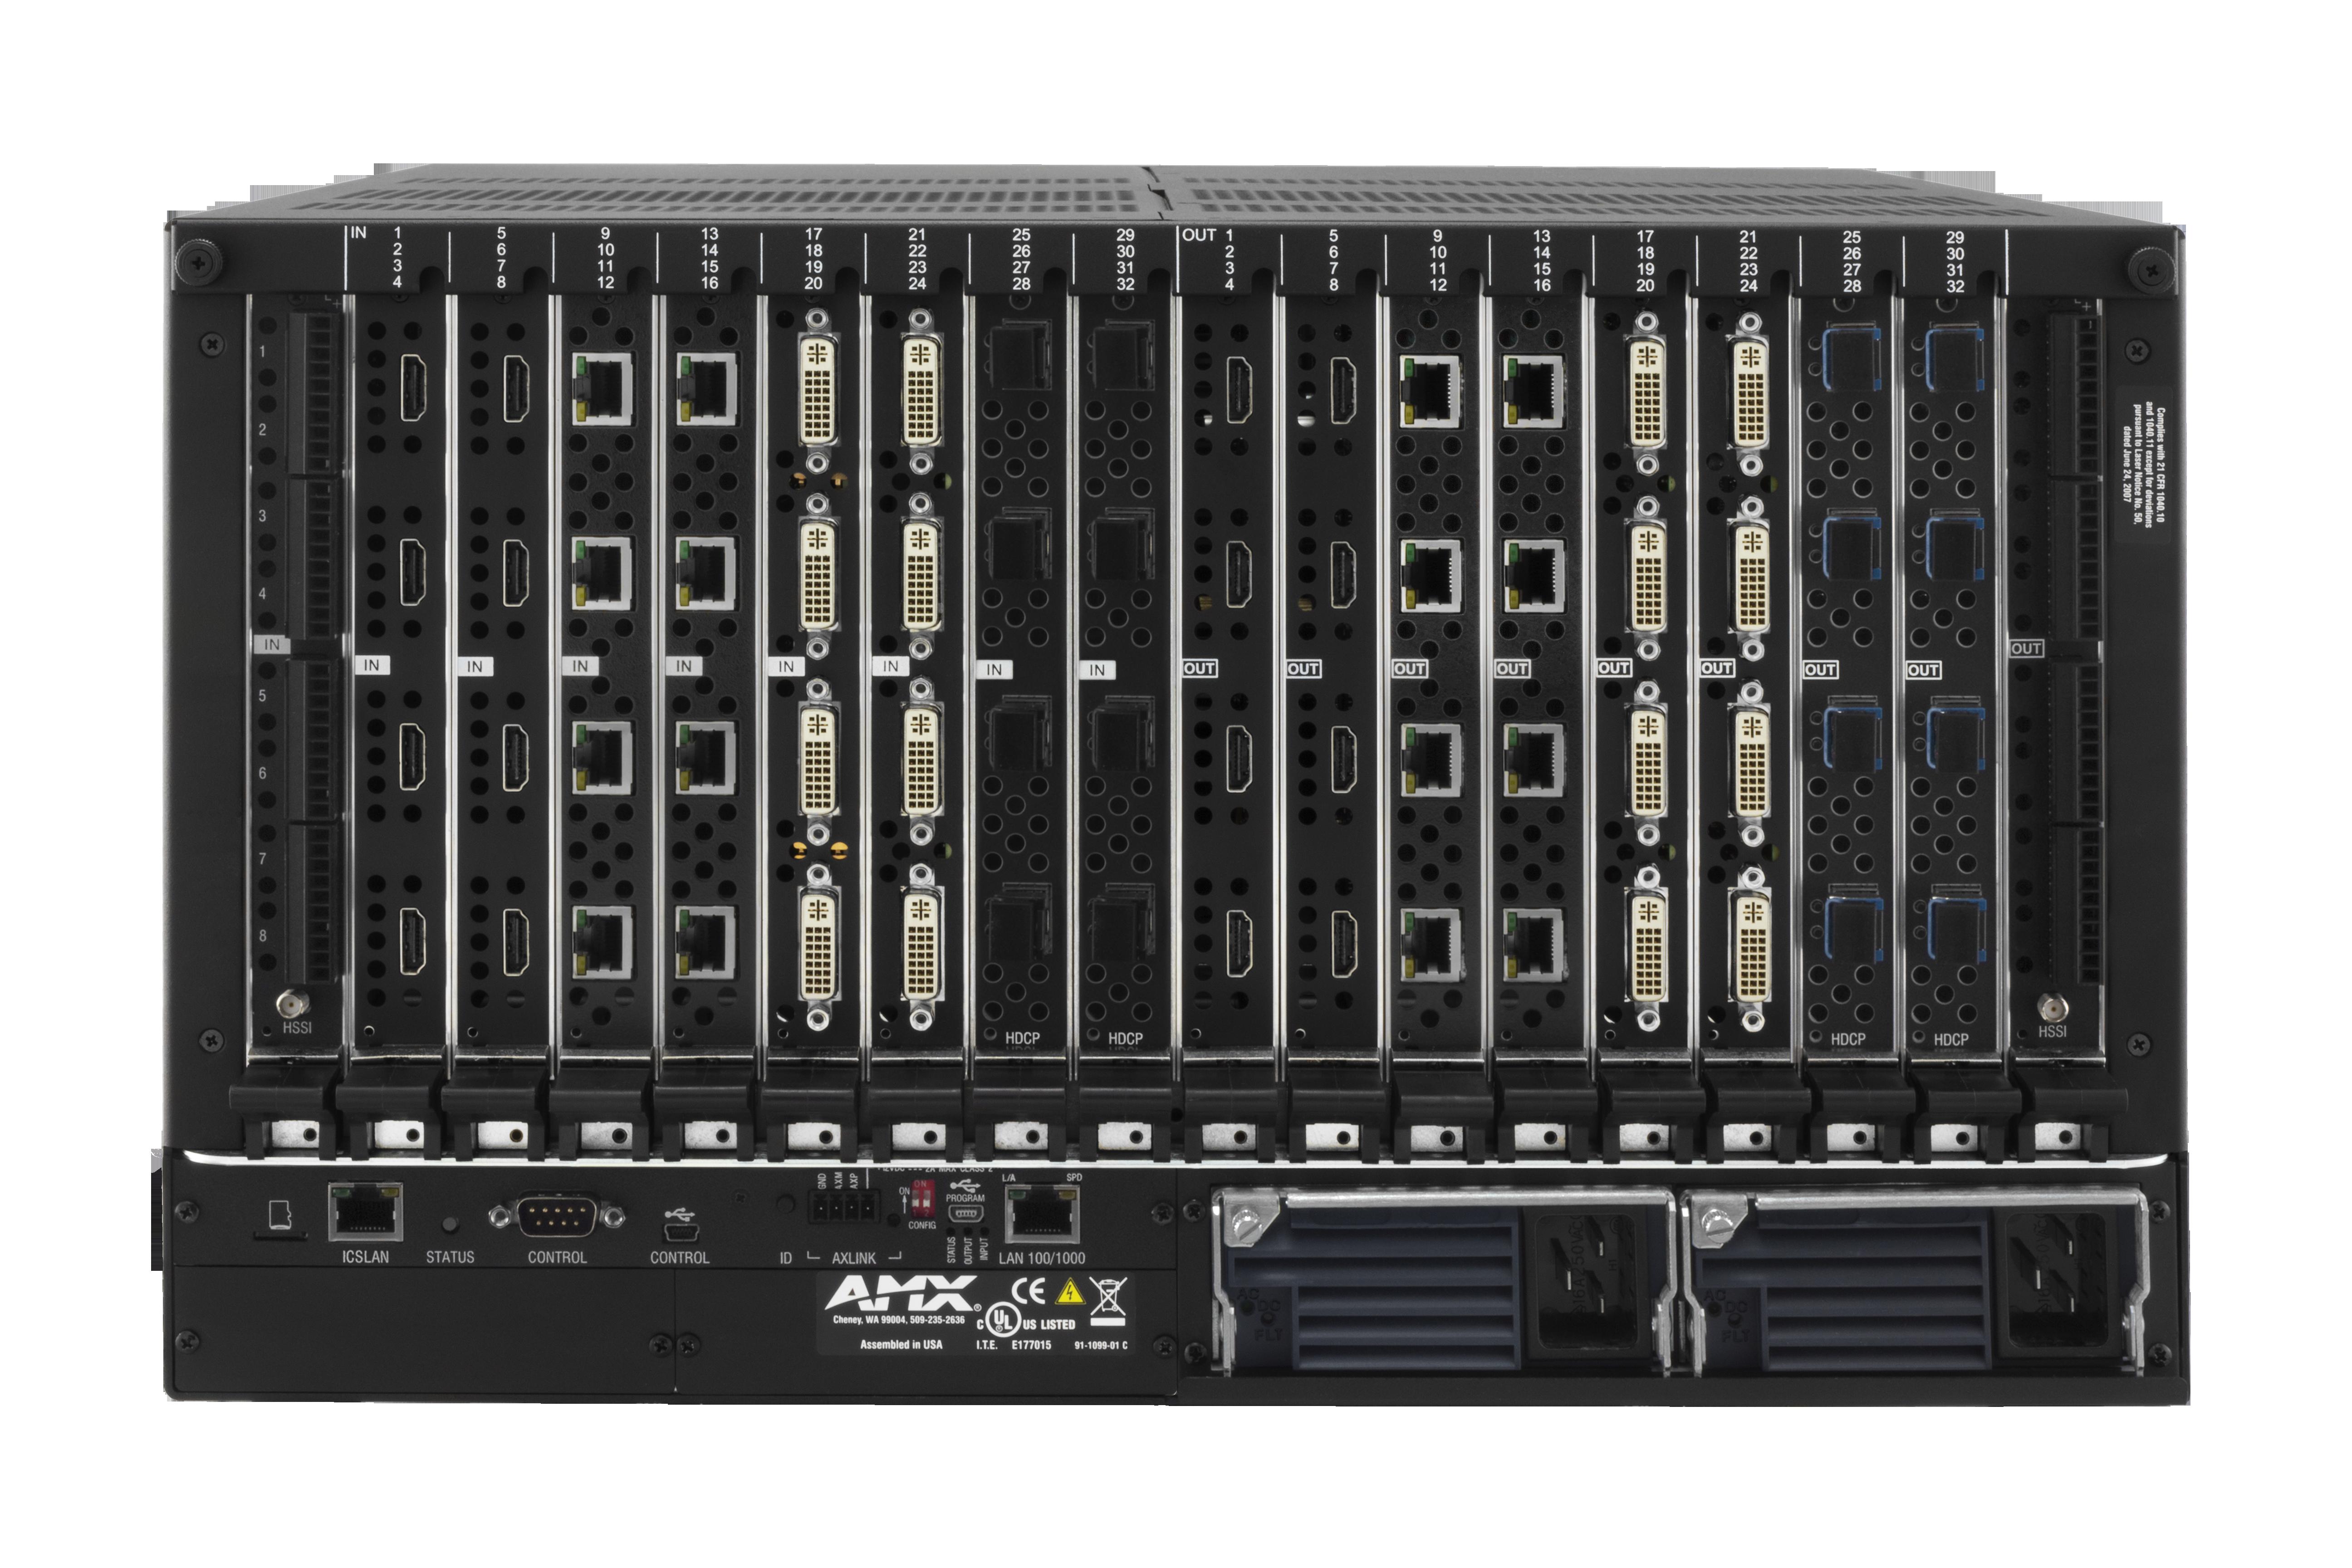 DGX3200-ENC - Rear